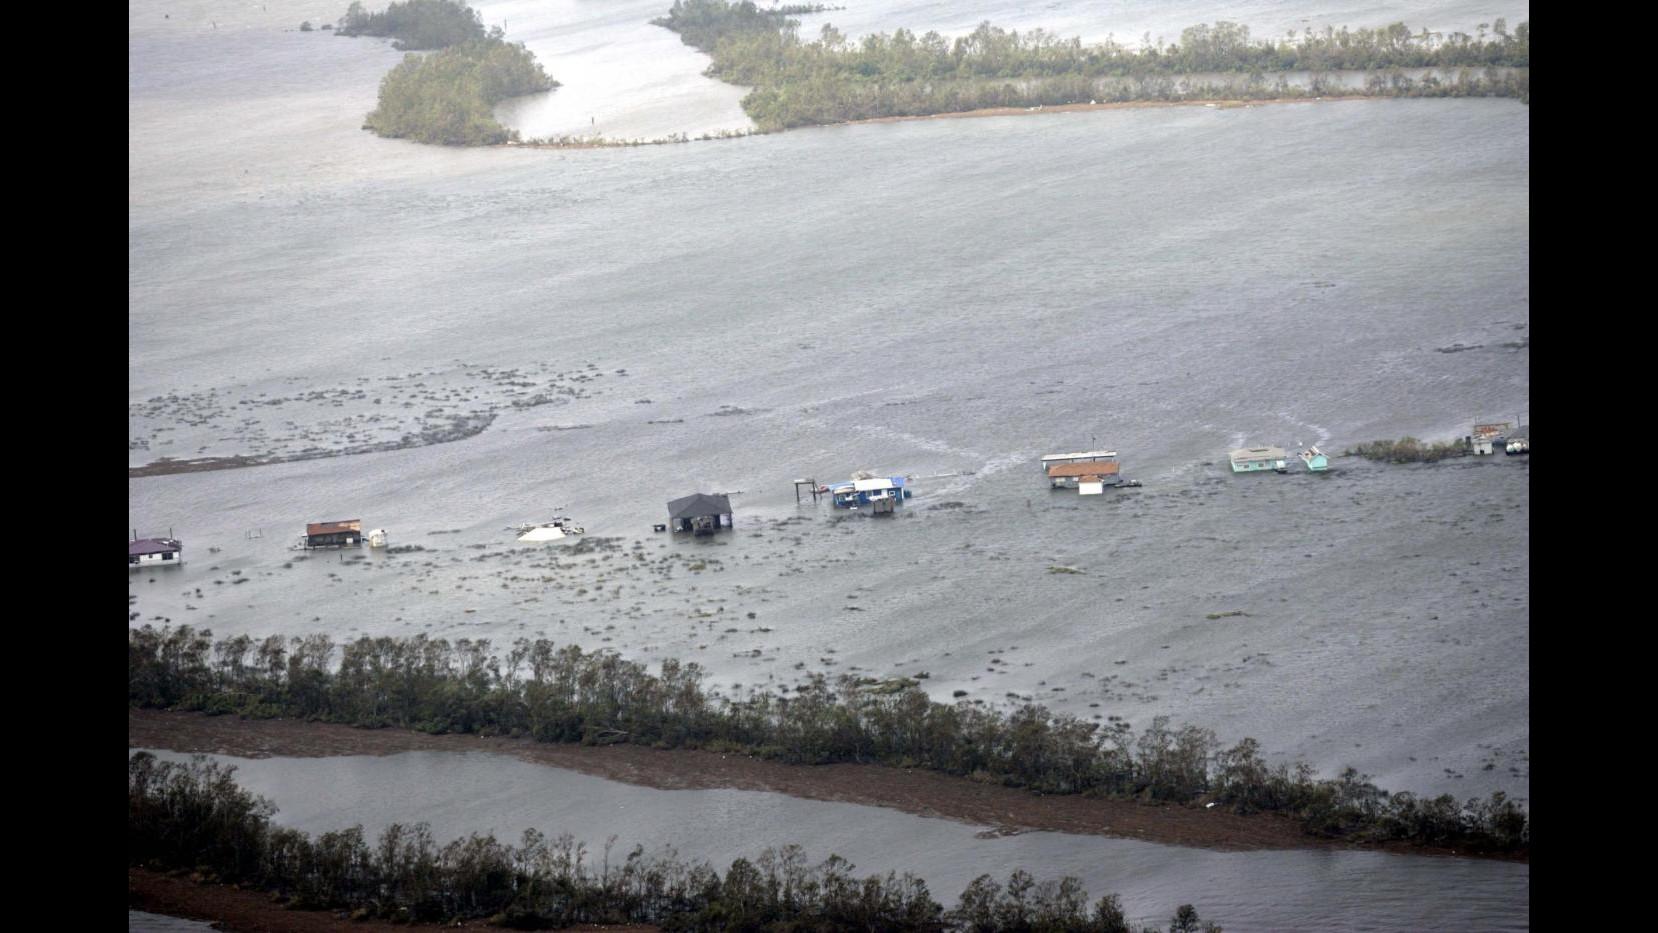 Uragano Patricia raggiunge categoria 5, minaccia costa del Pacifico